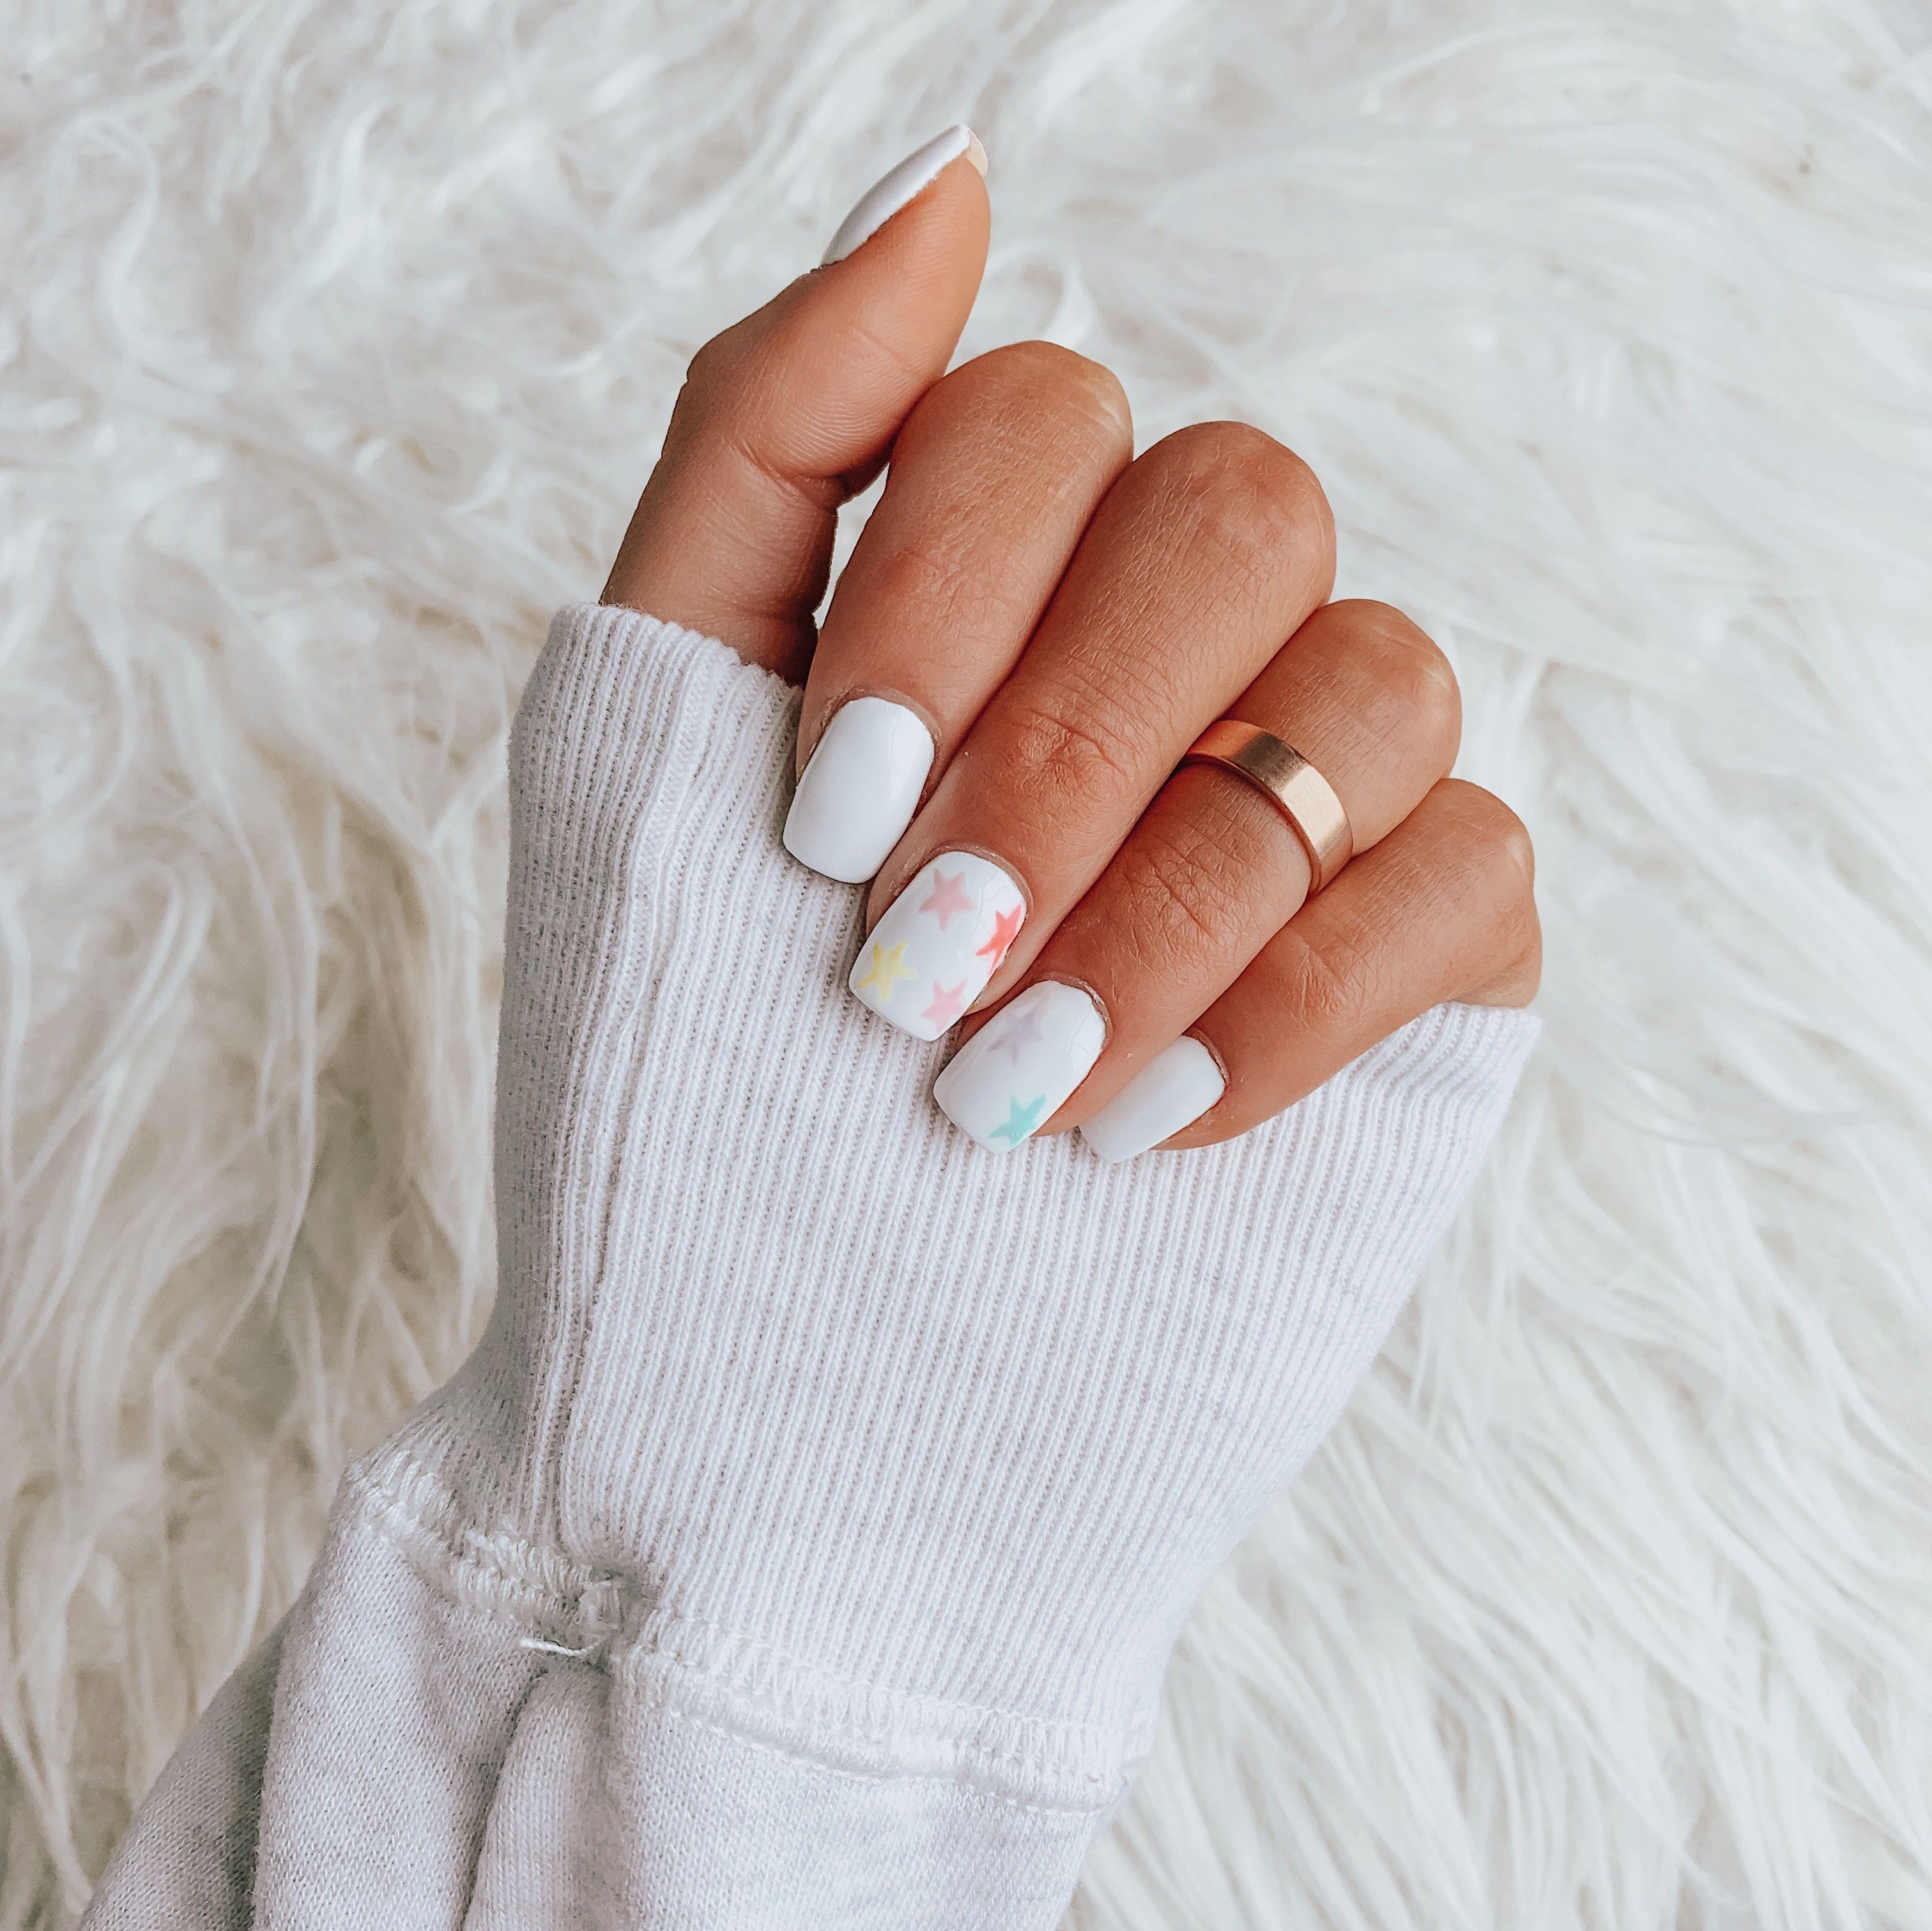 Star Nails Short Acrylic Nails Designs Short Acrylic Nails Gel Nails